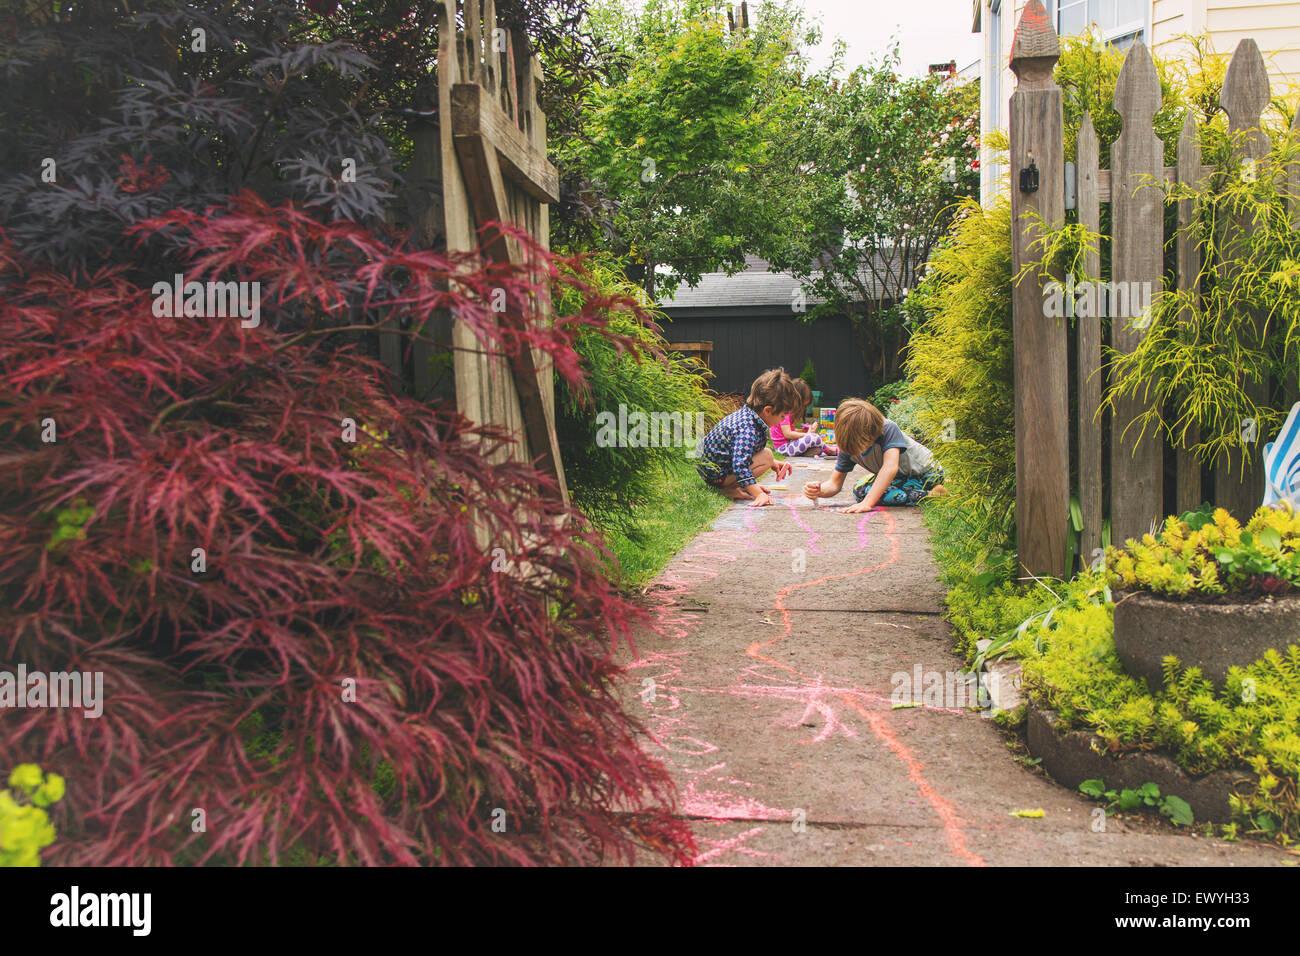 Drei kleine Kinder, die Zeichnung mit Kreide auf einem Pfad in einem Garten Stockbild